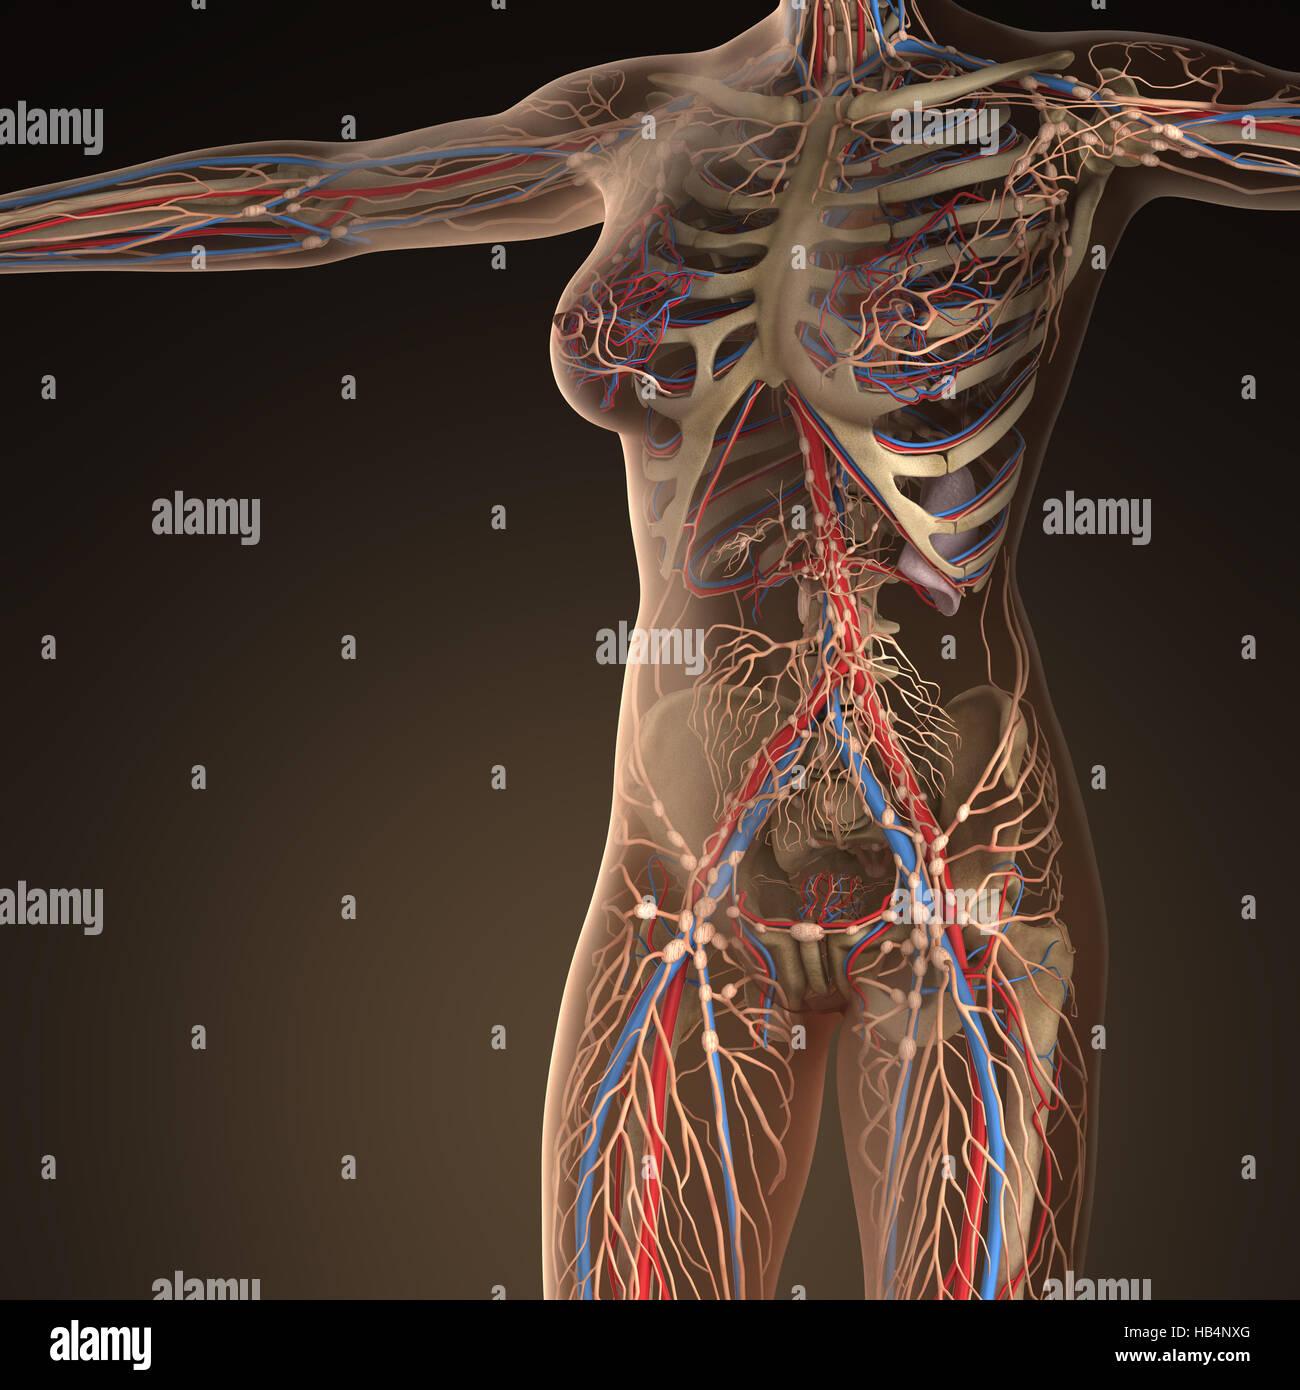 Menschlichen Kreislauf Herz-Kreislauf-System mit Knochen in ...